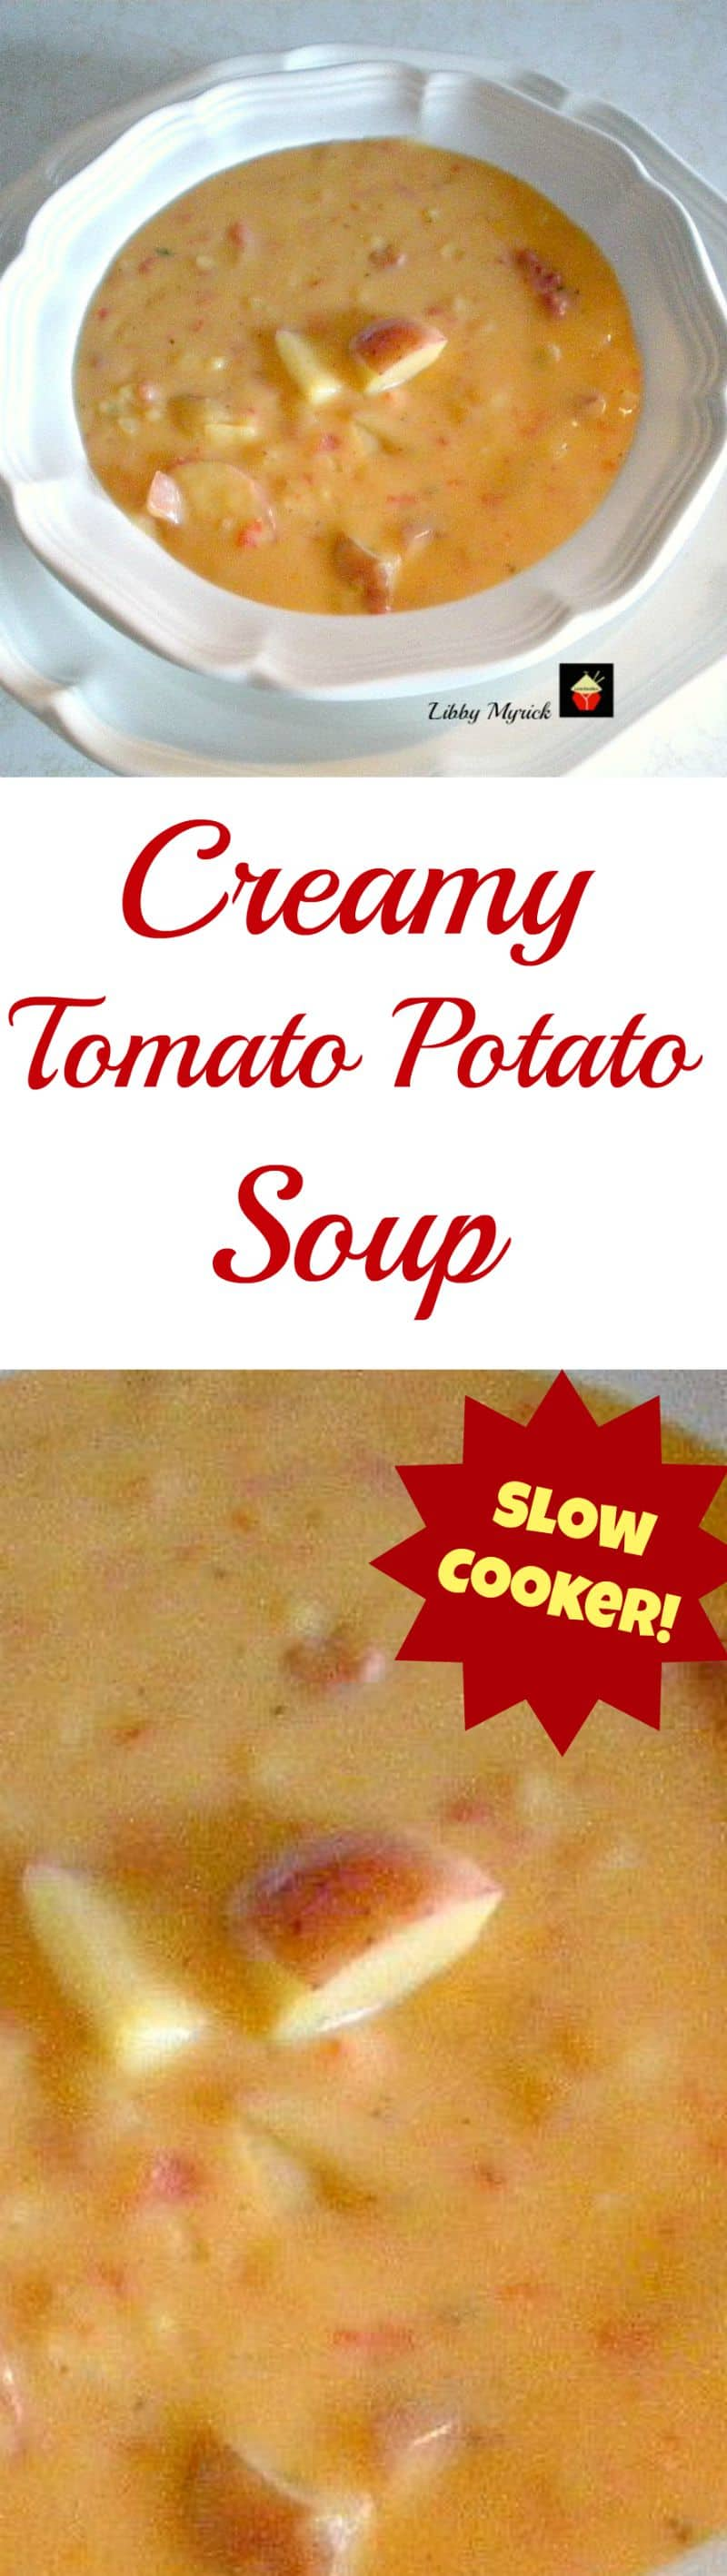 Creamy Tomato Potato Soup (slow cooker) A delicious tasting soup, easy to prepare!